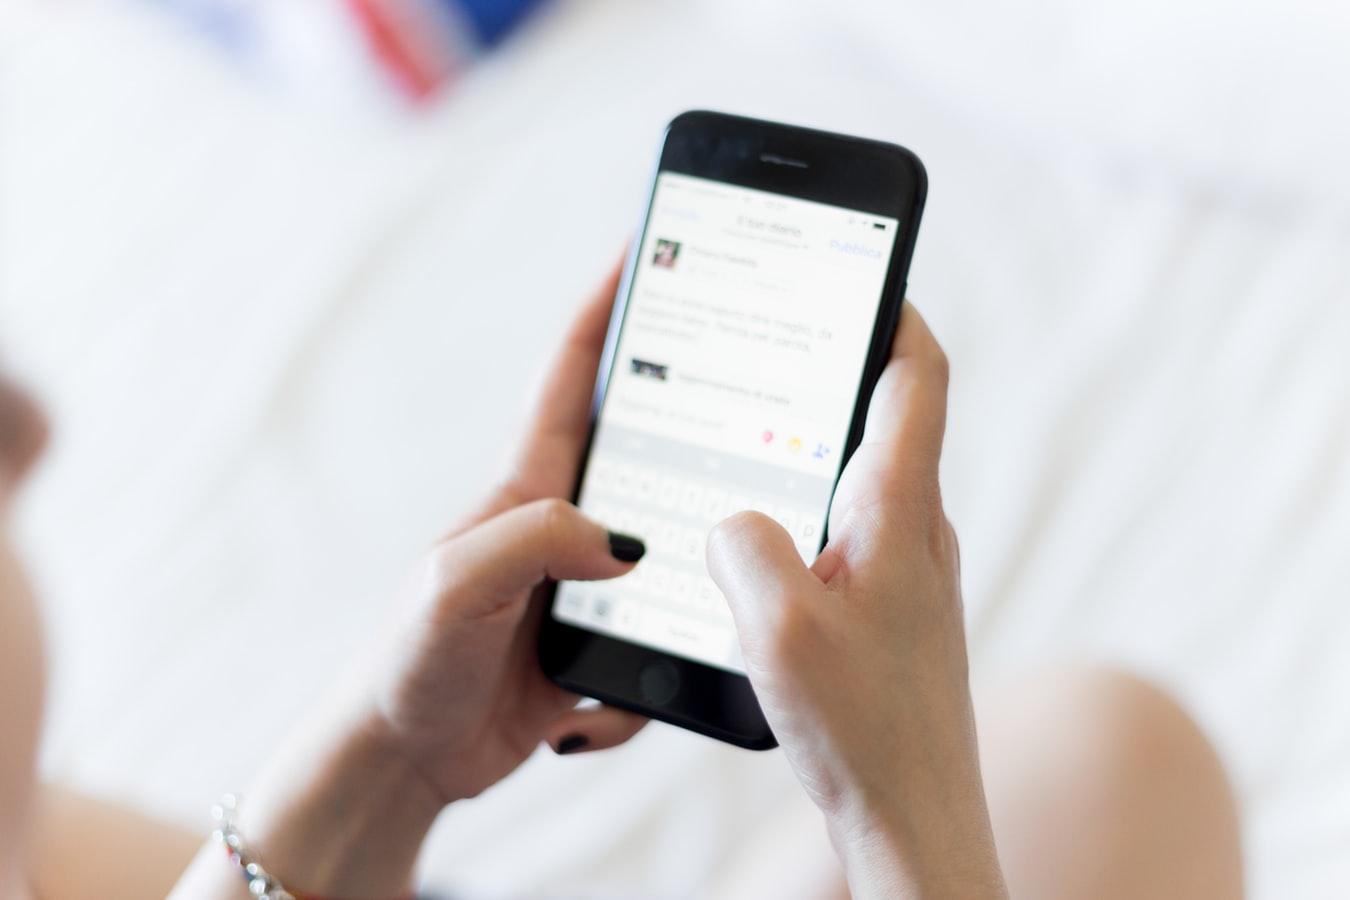 Uma usuária de smartphone acessando as redes sociais, sendo impactada pelo mobile marketing.